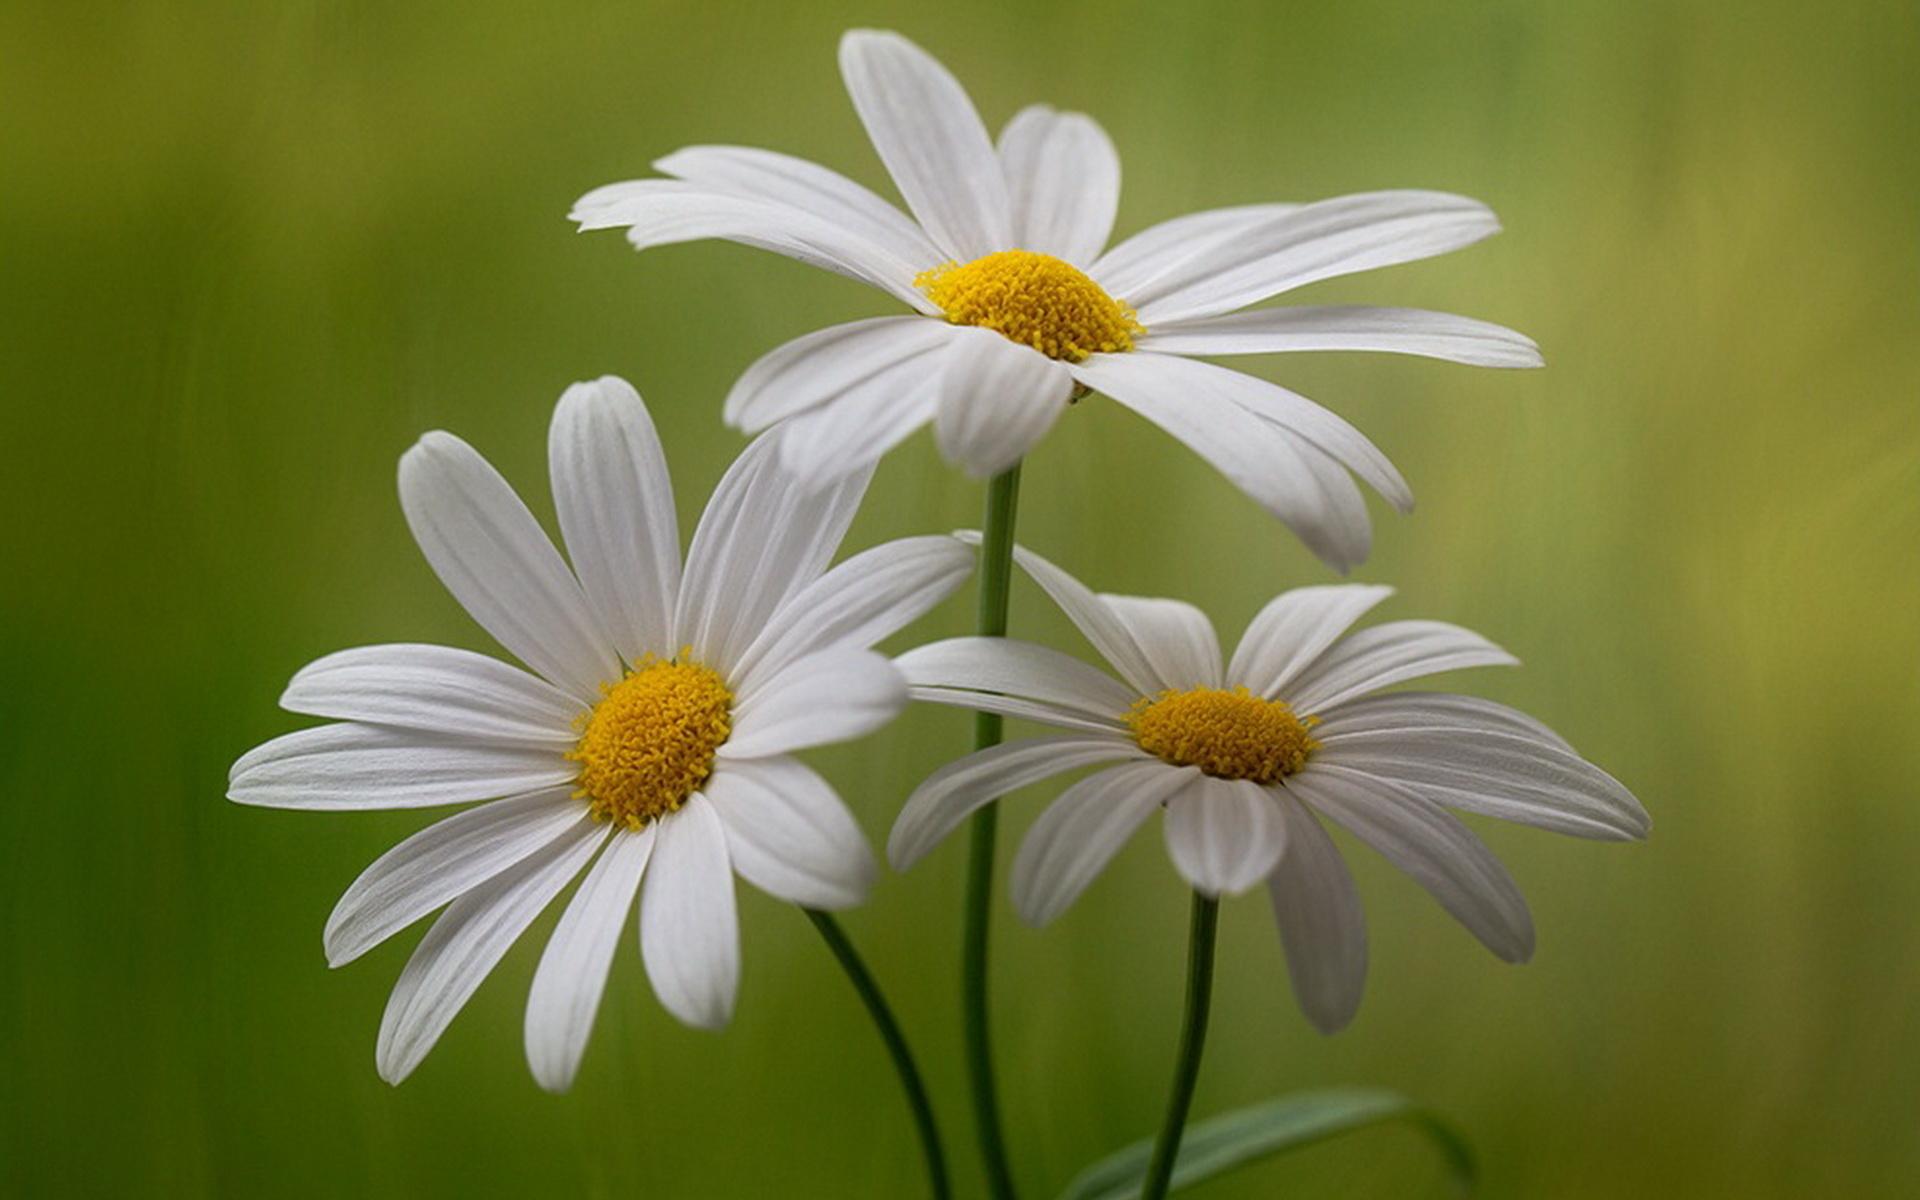 смотровую площадку фото цветка ромашки мимолетной была твоя